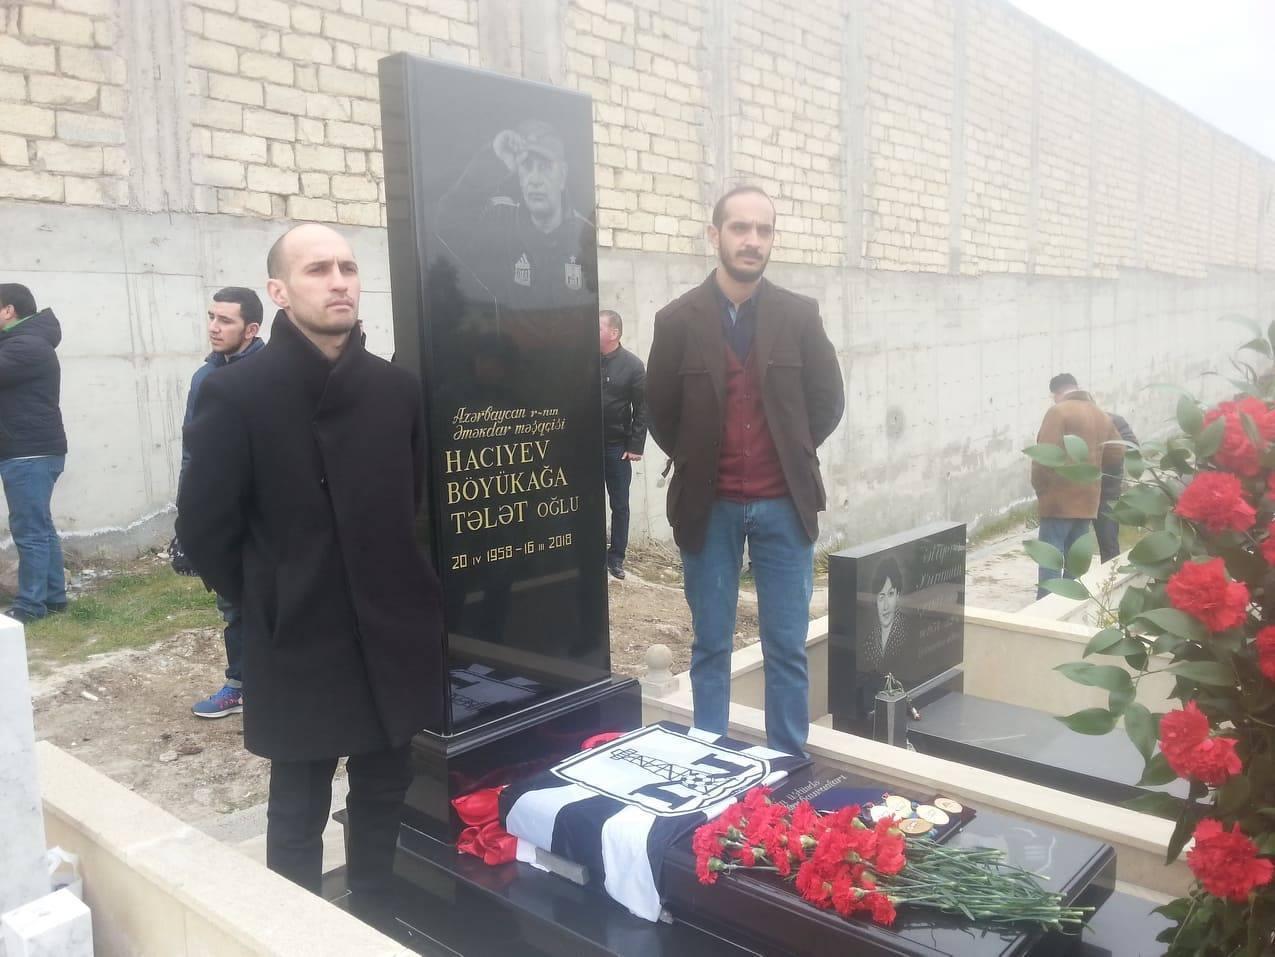 Futbol ictimaiyyəti Böyükağa Hacıyevin məzarını ziyarət edib